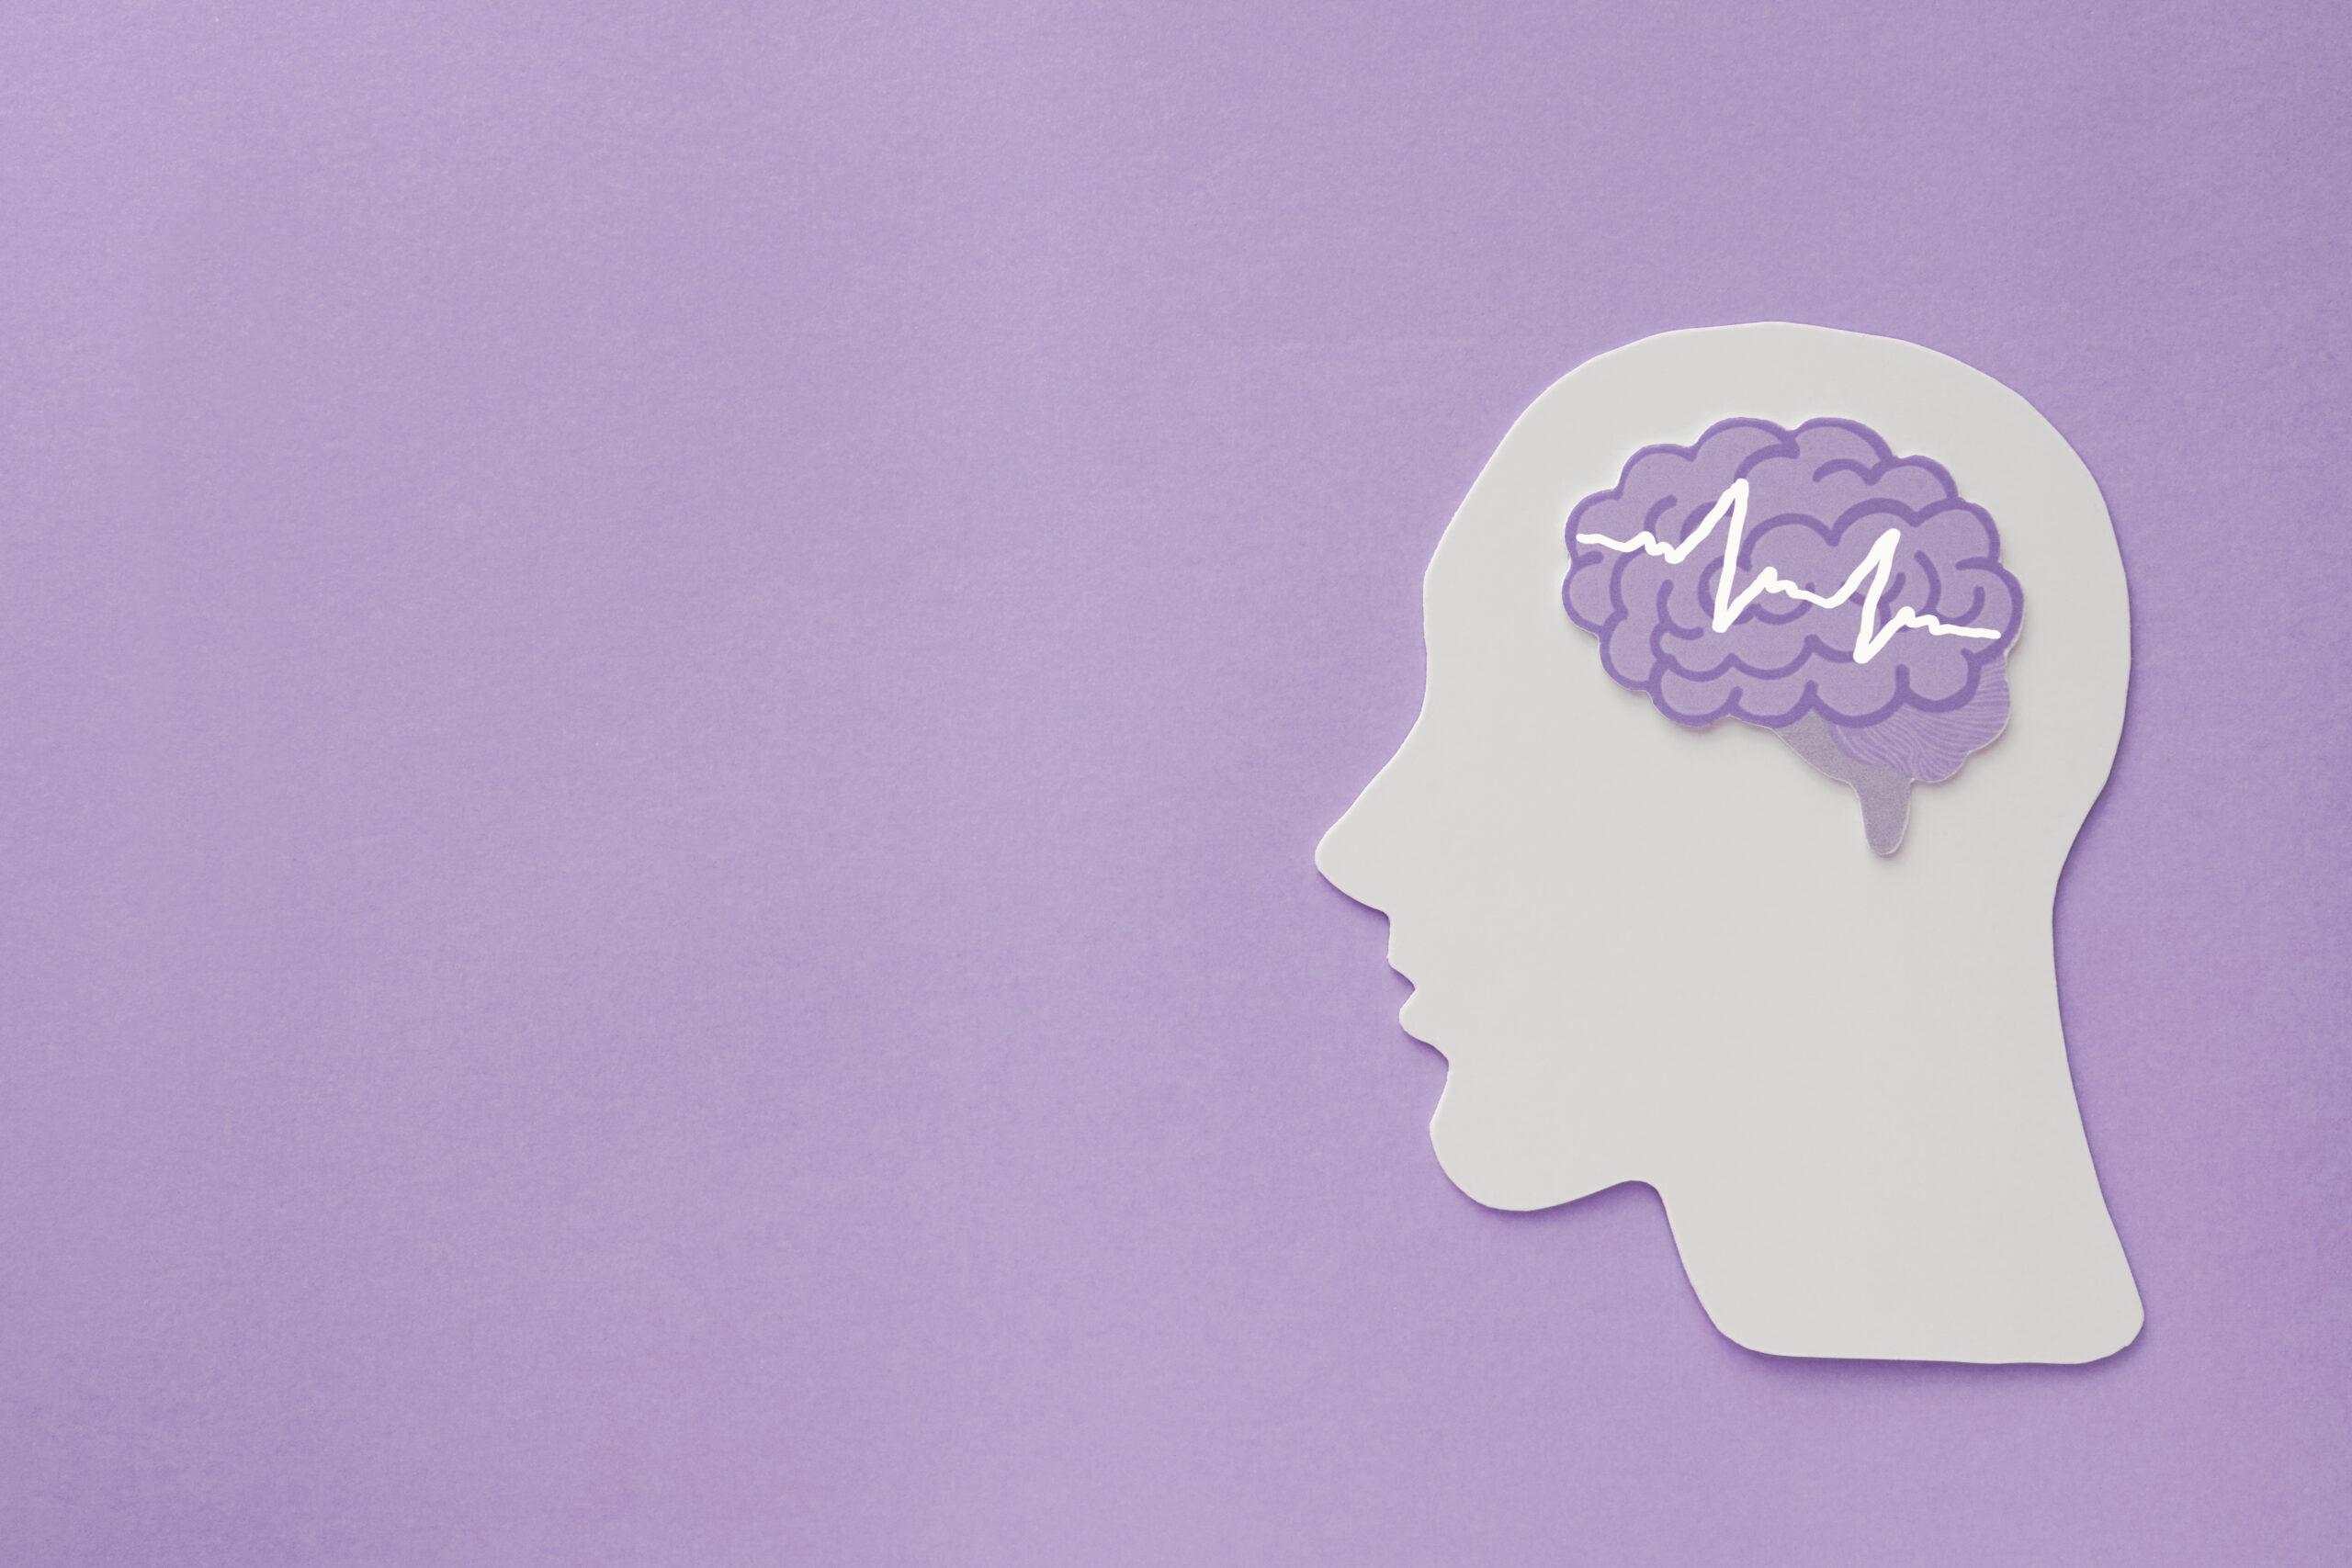 Sanidade Mental na Crise: O início da superação